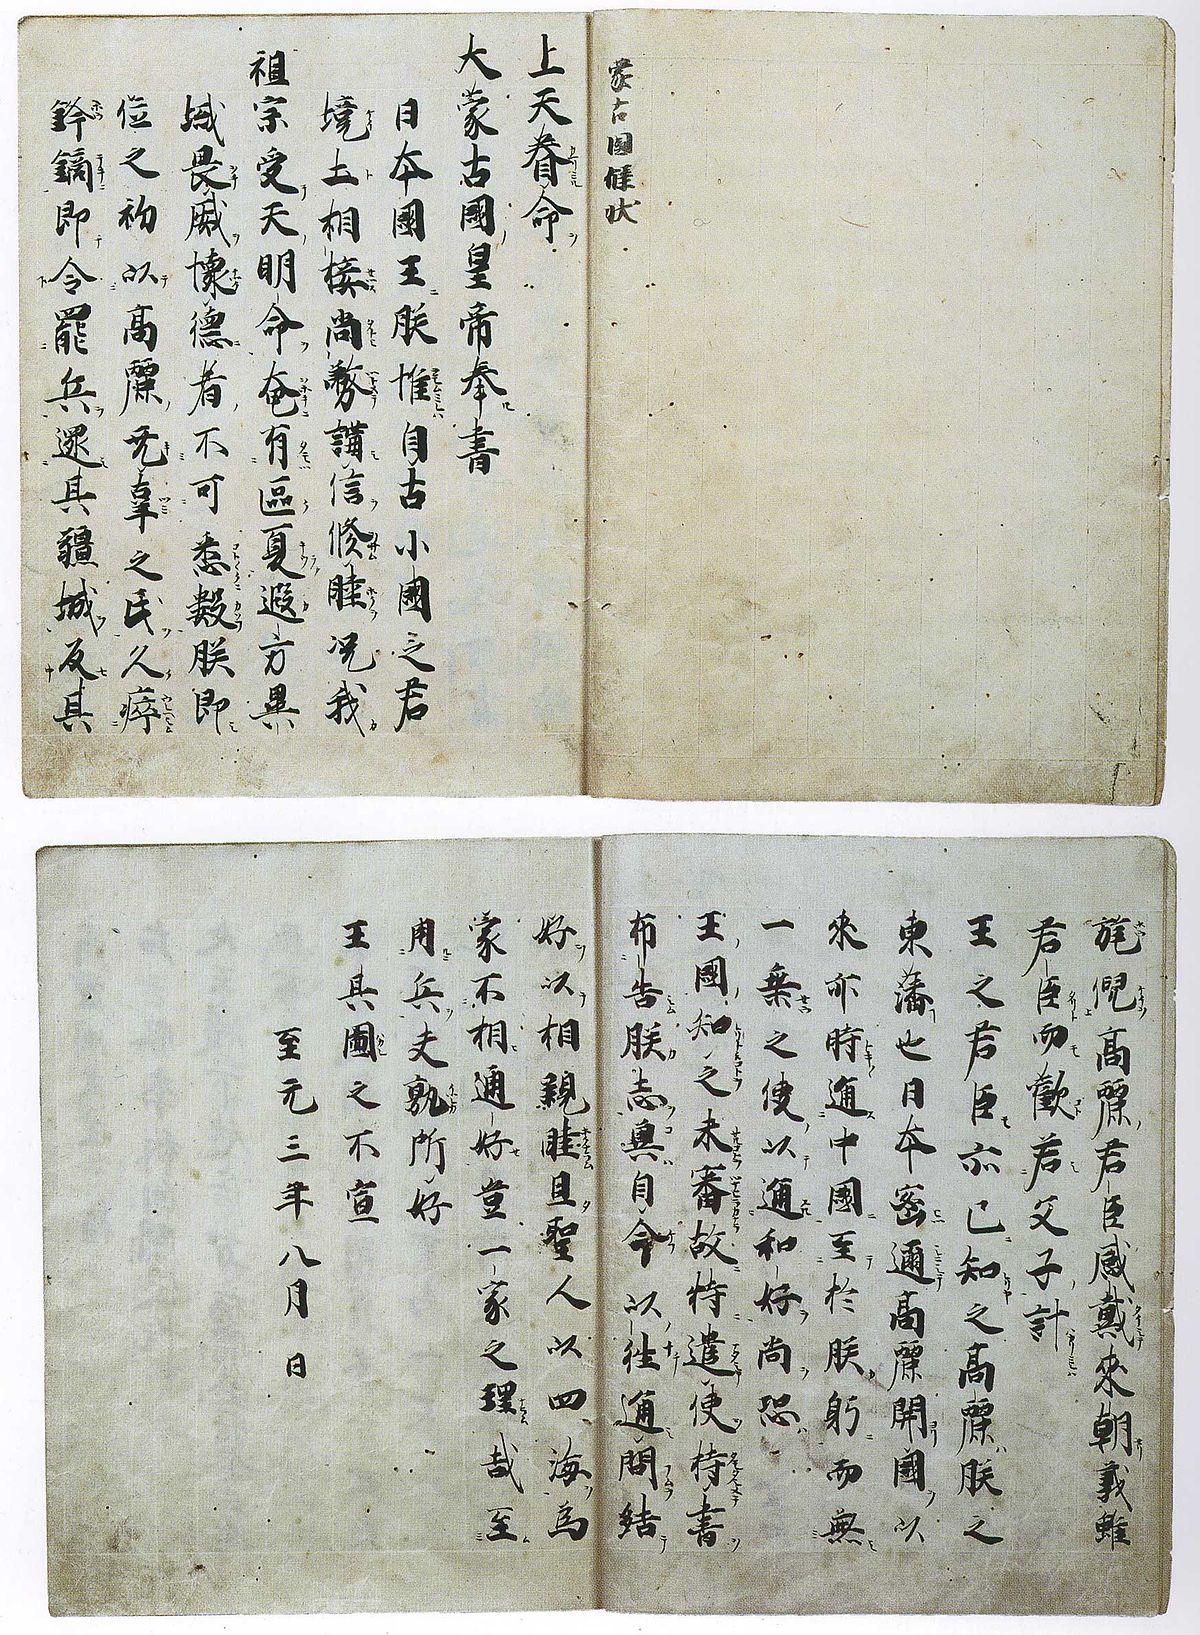 LetterFromKhubilaiToJapan1266.jpg